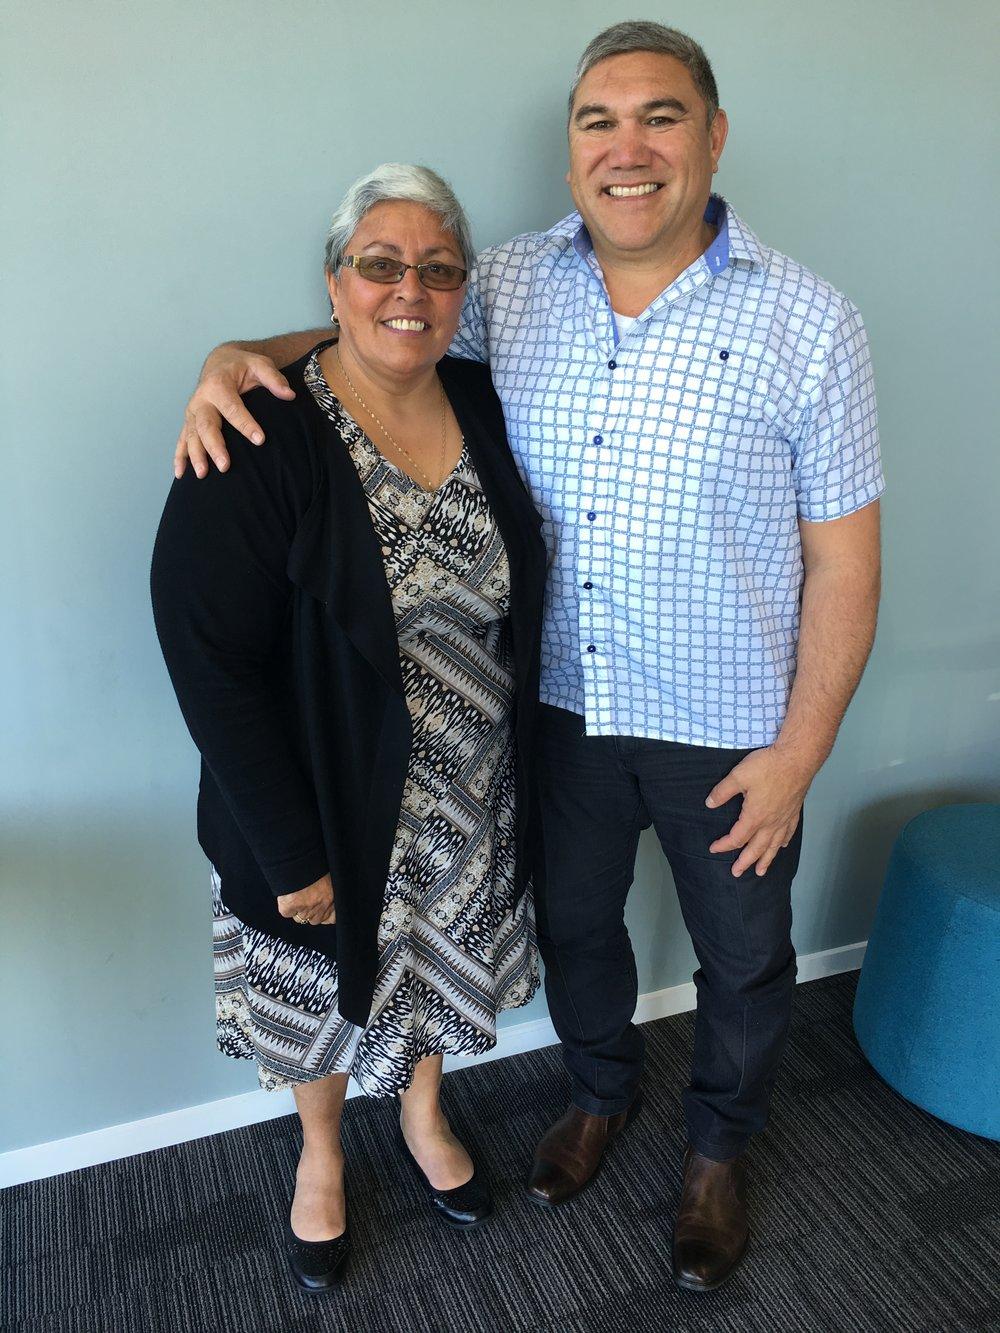 Two Wharekauri whānau: Trescia and Pari Hunt